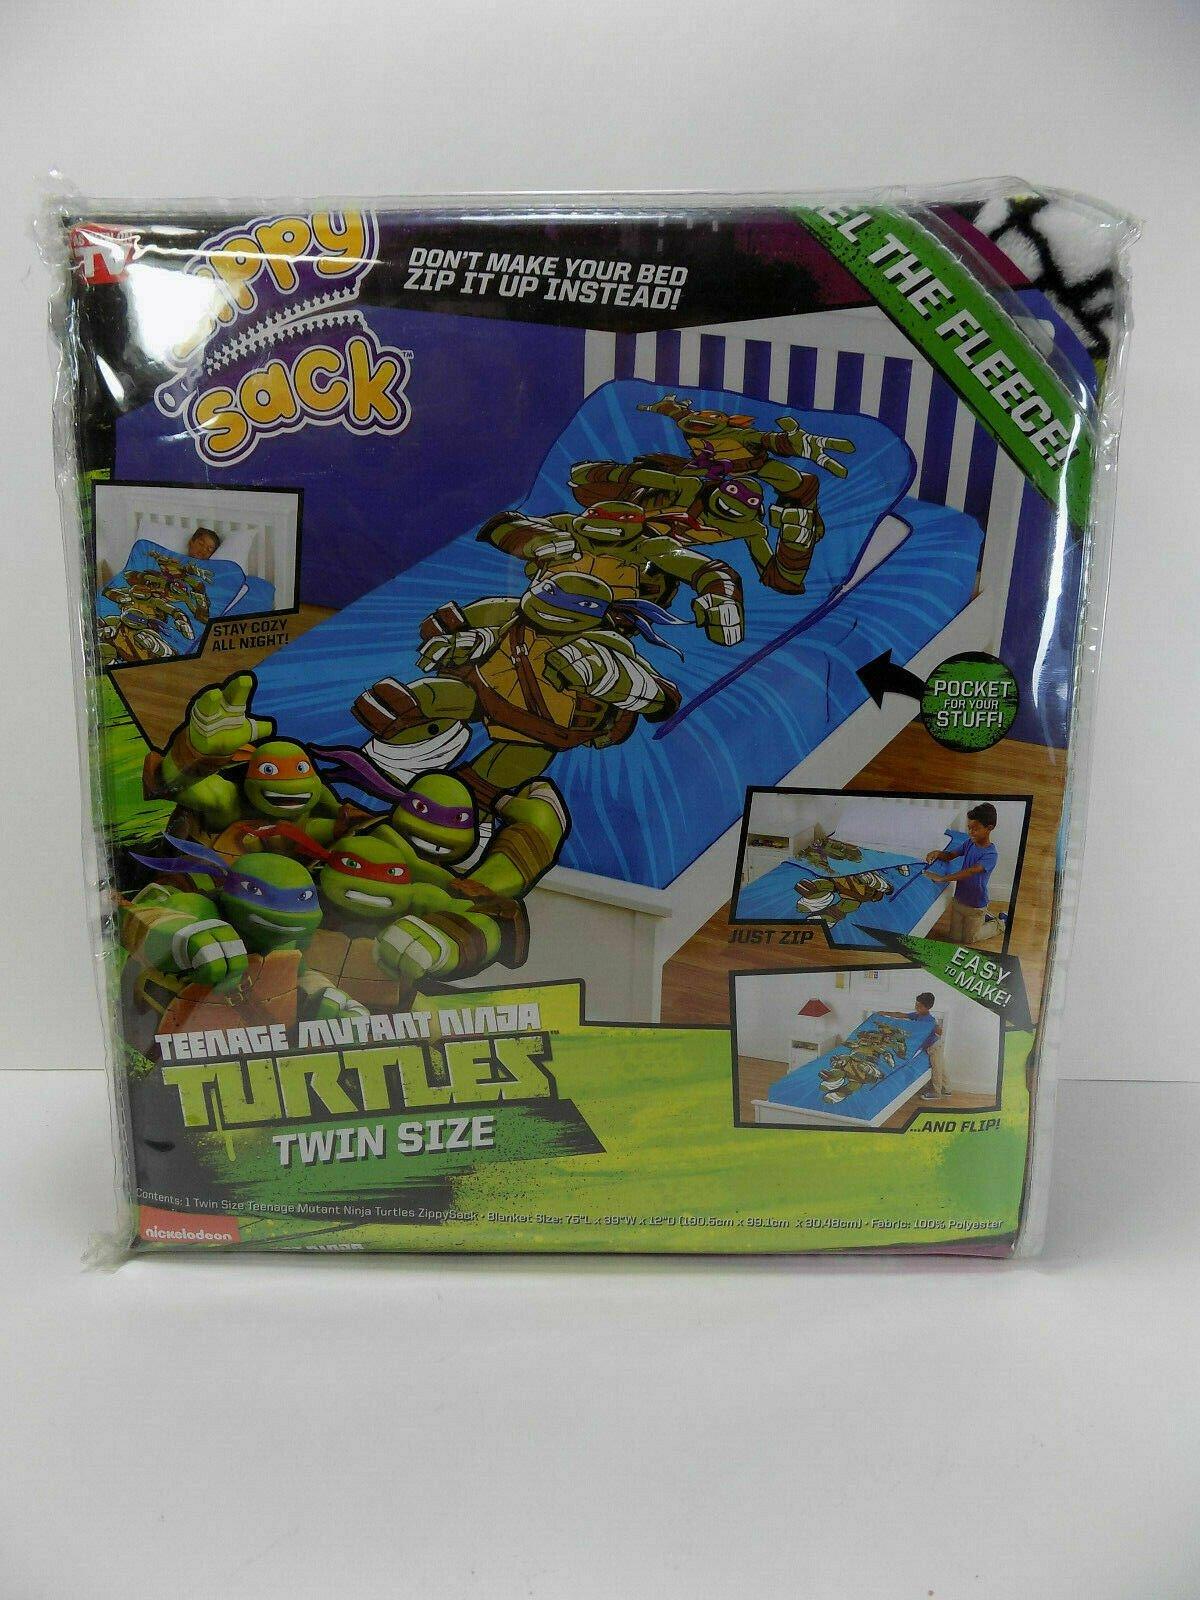 Teenage Mutant Ninja Turtles Bedroom Set New Zippysack Teenage Mutant Ninja Turtles Twin Size Zippy Sack